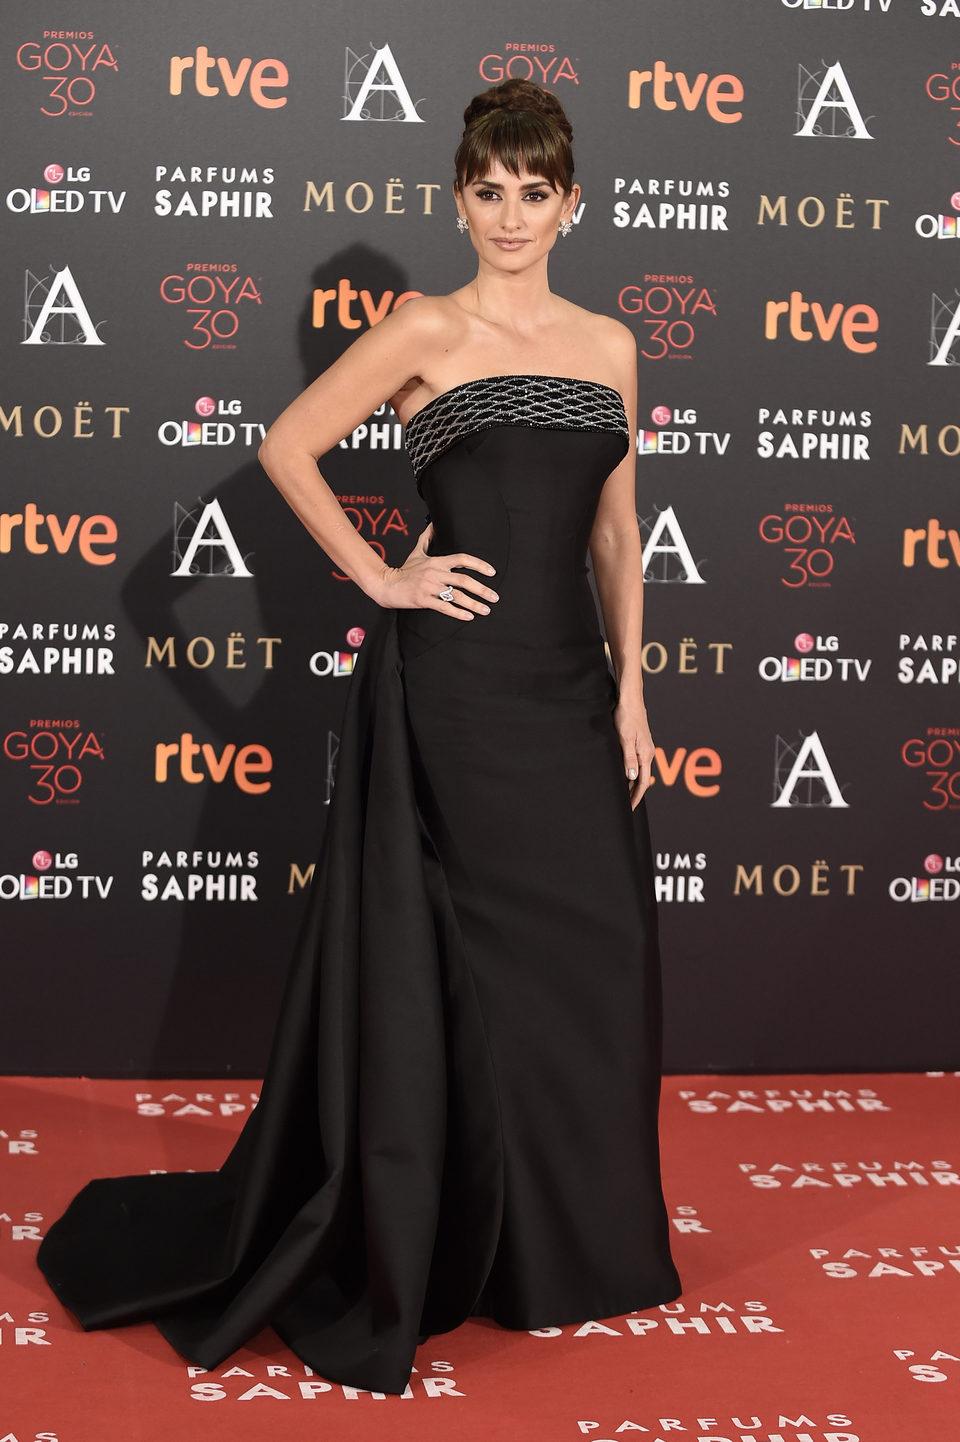 Penélope Cruz en la alfombra roja de los Premios Goya 2016